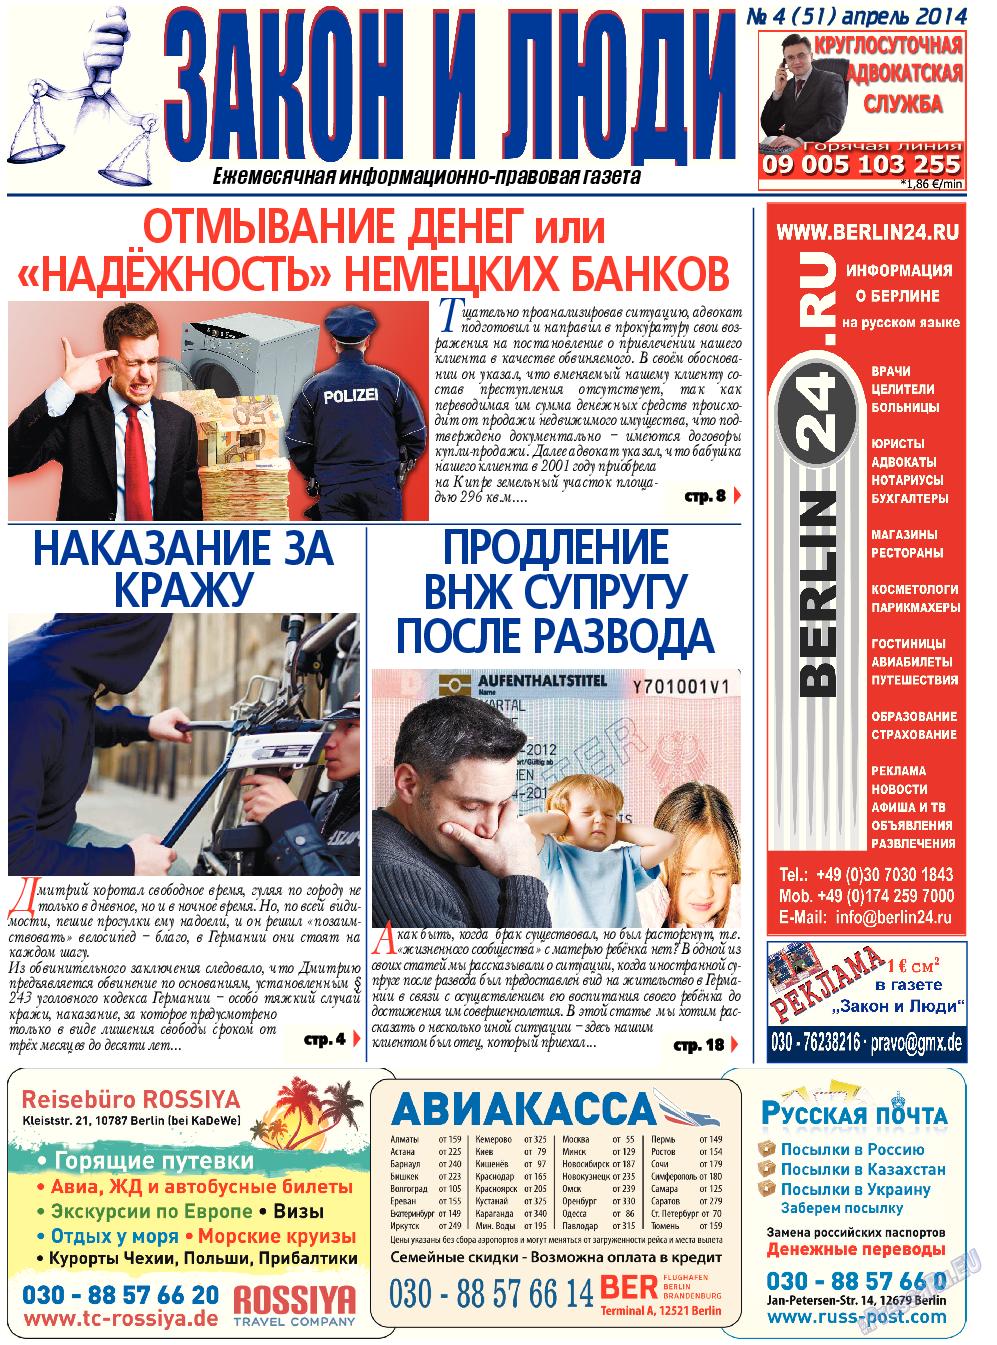 Закон и люди (газета). 2014 год, номер 4, стр. 1